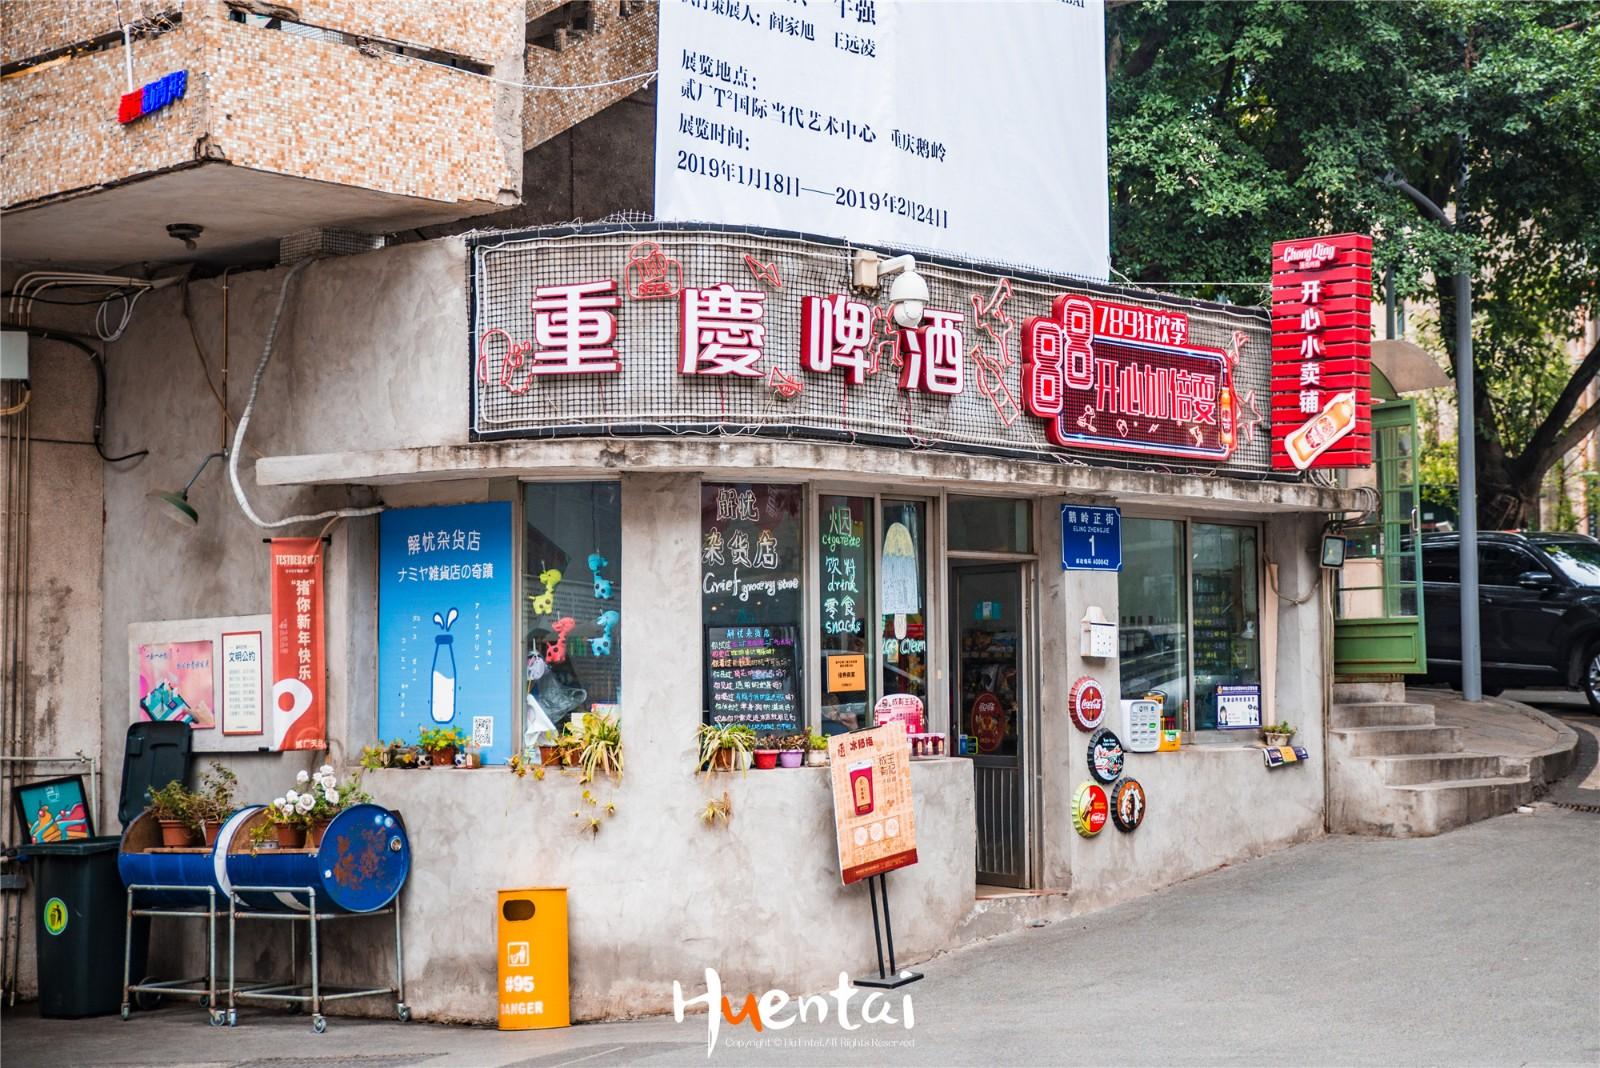 带你去旅行:寻味山城重庆丨探访电影取景地,看绚烂夜色,吃地道老火锅